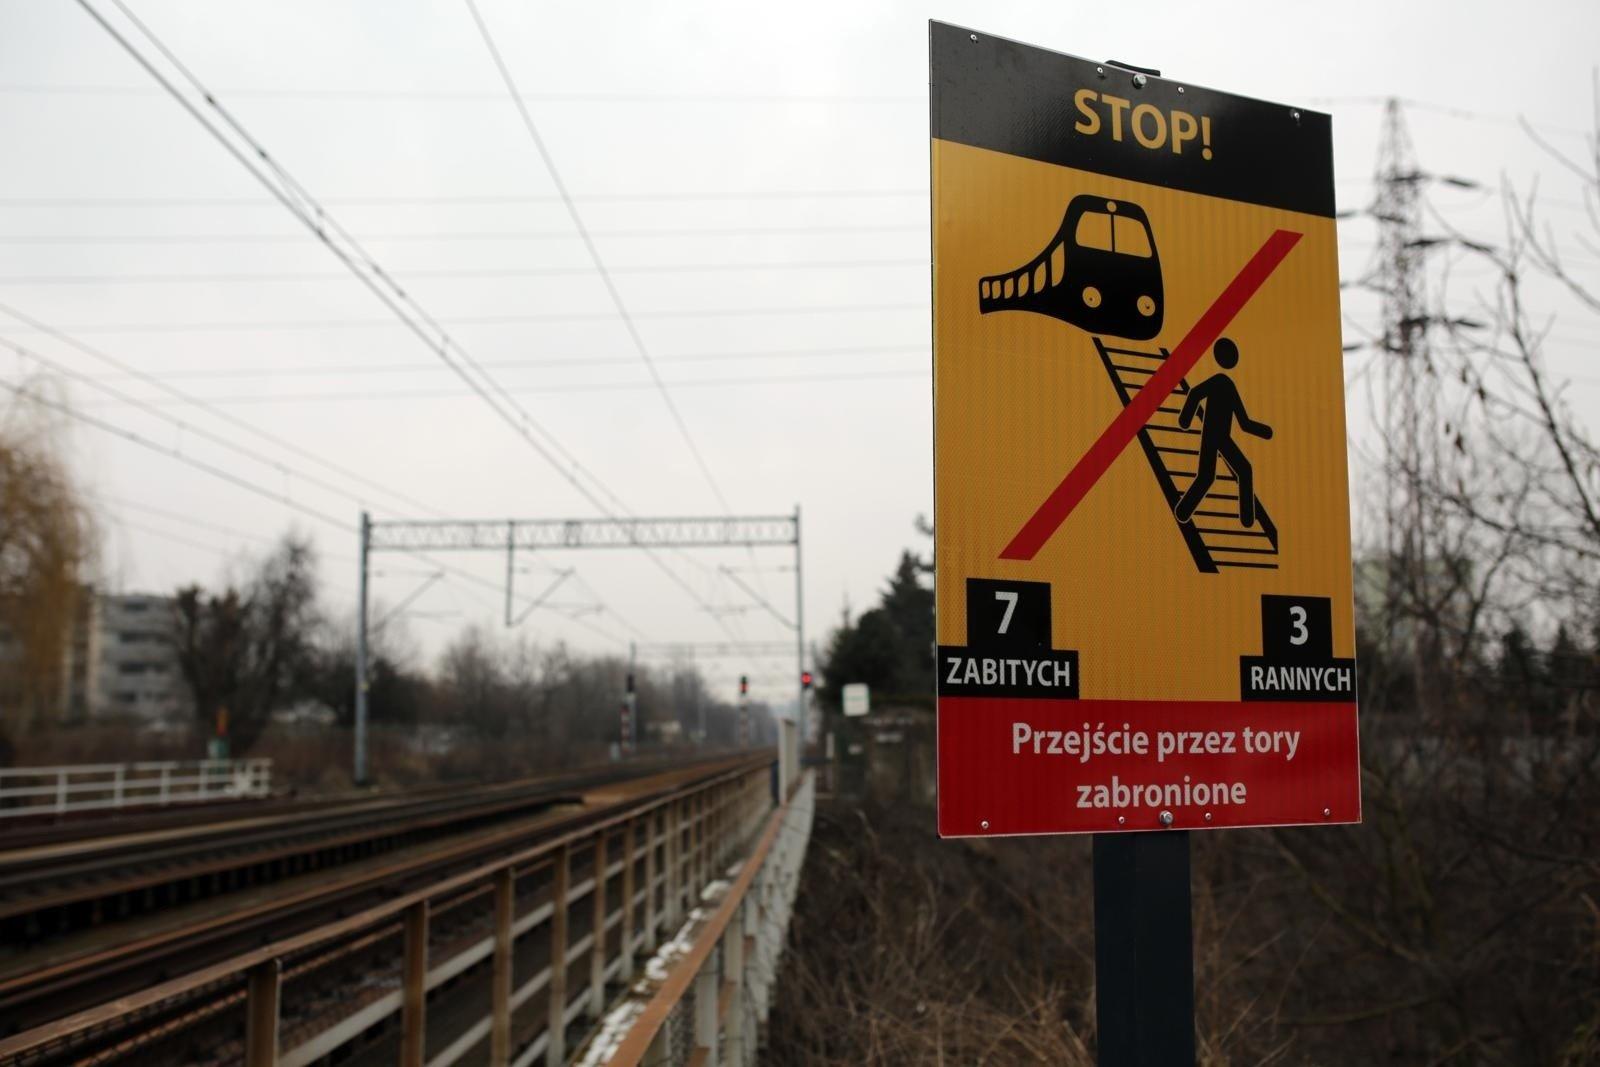 Krakow Szukaja Wykonawcy Koncepcji Kladki Na Zabincu Gazeta